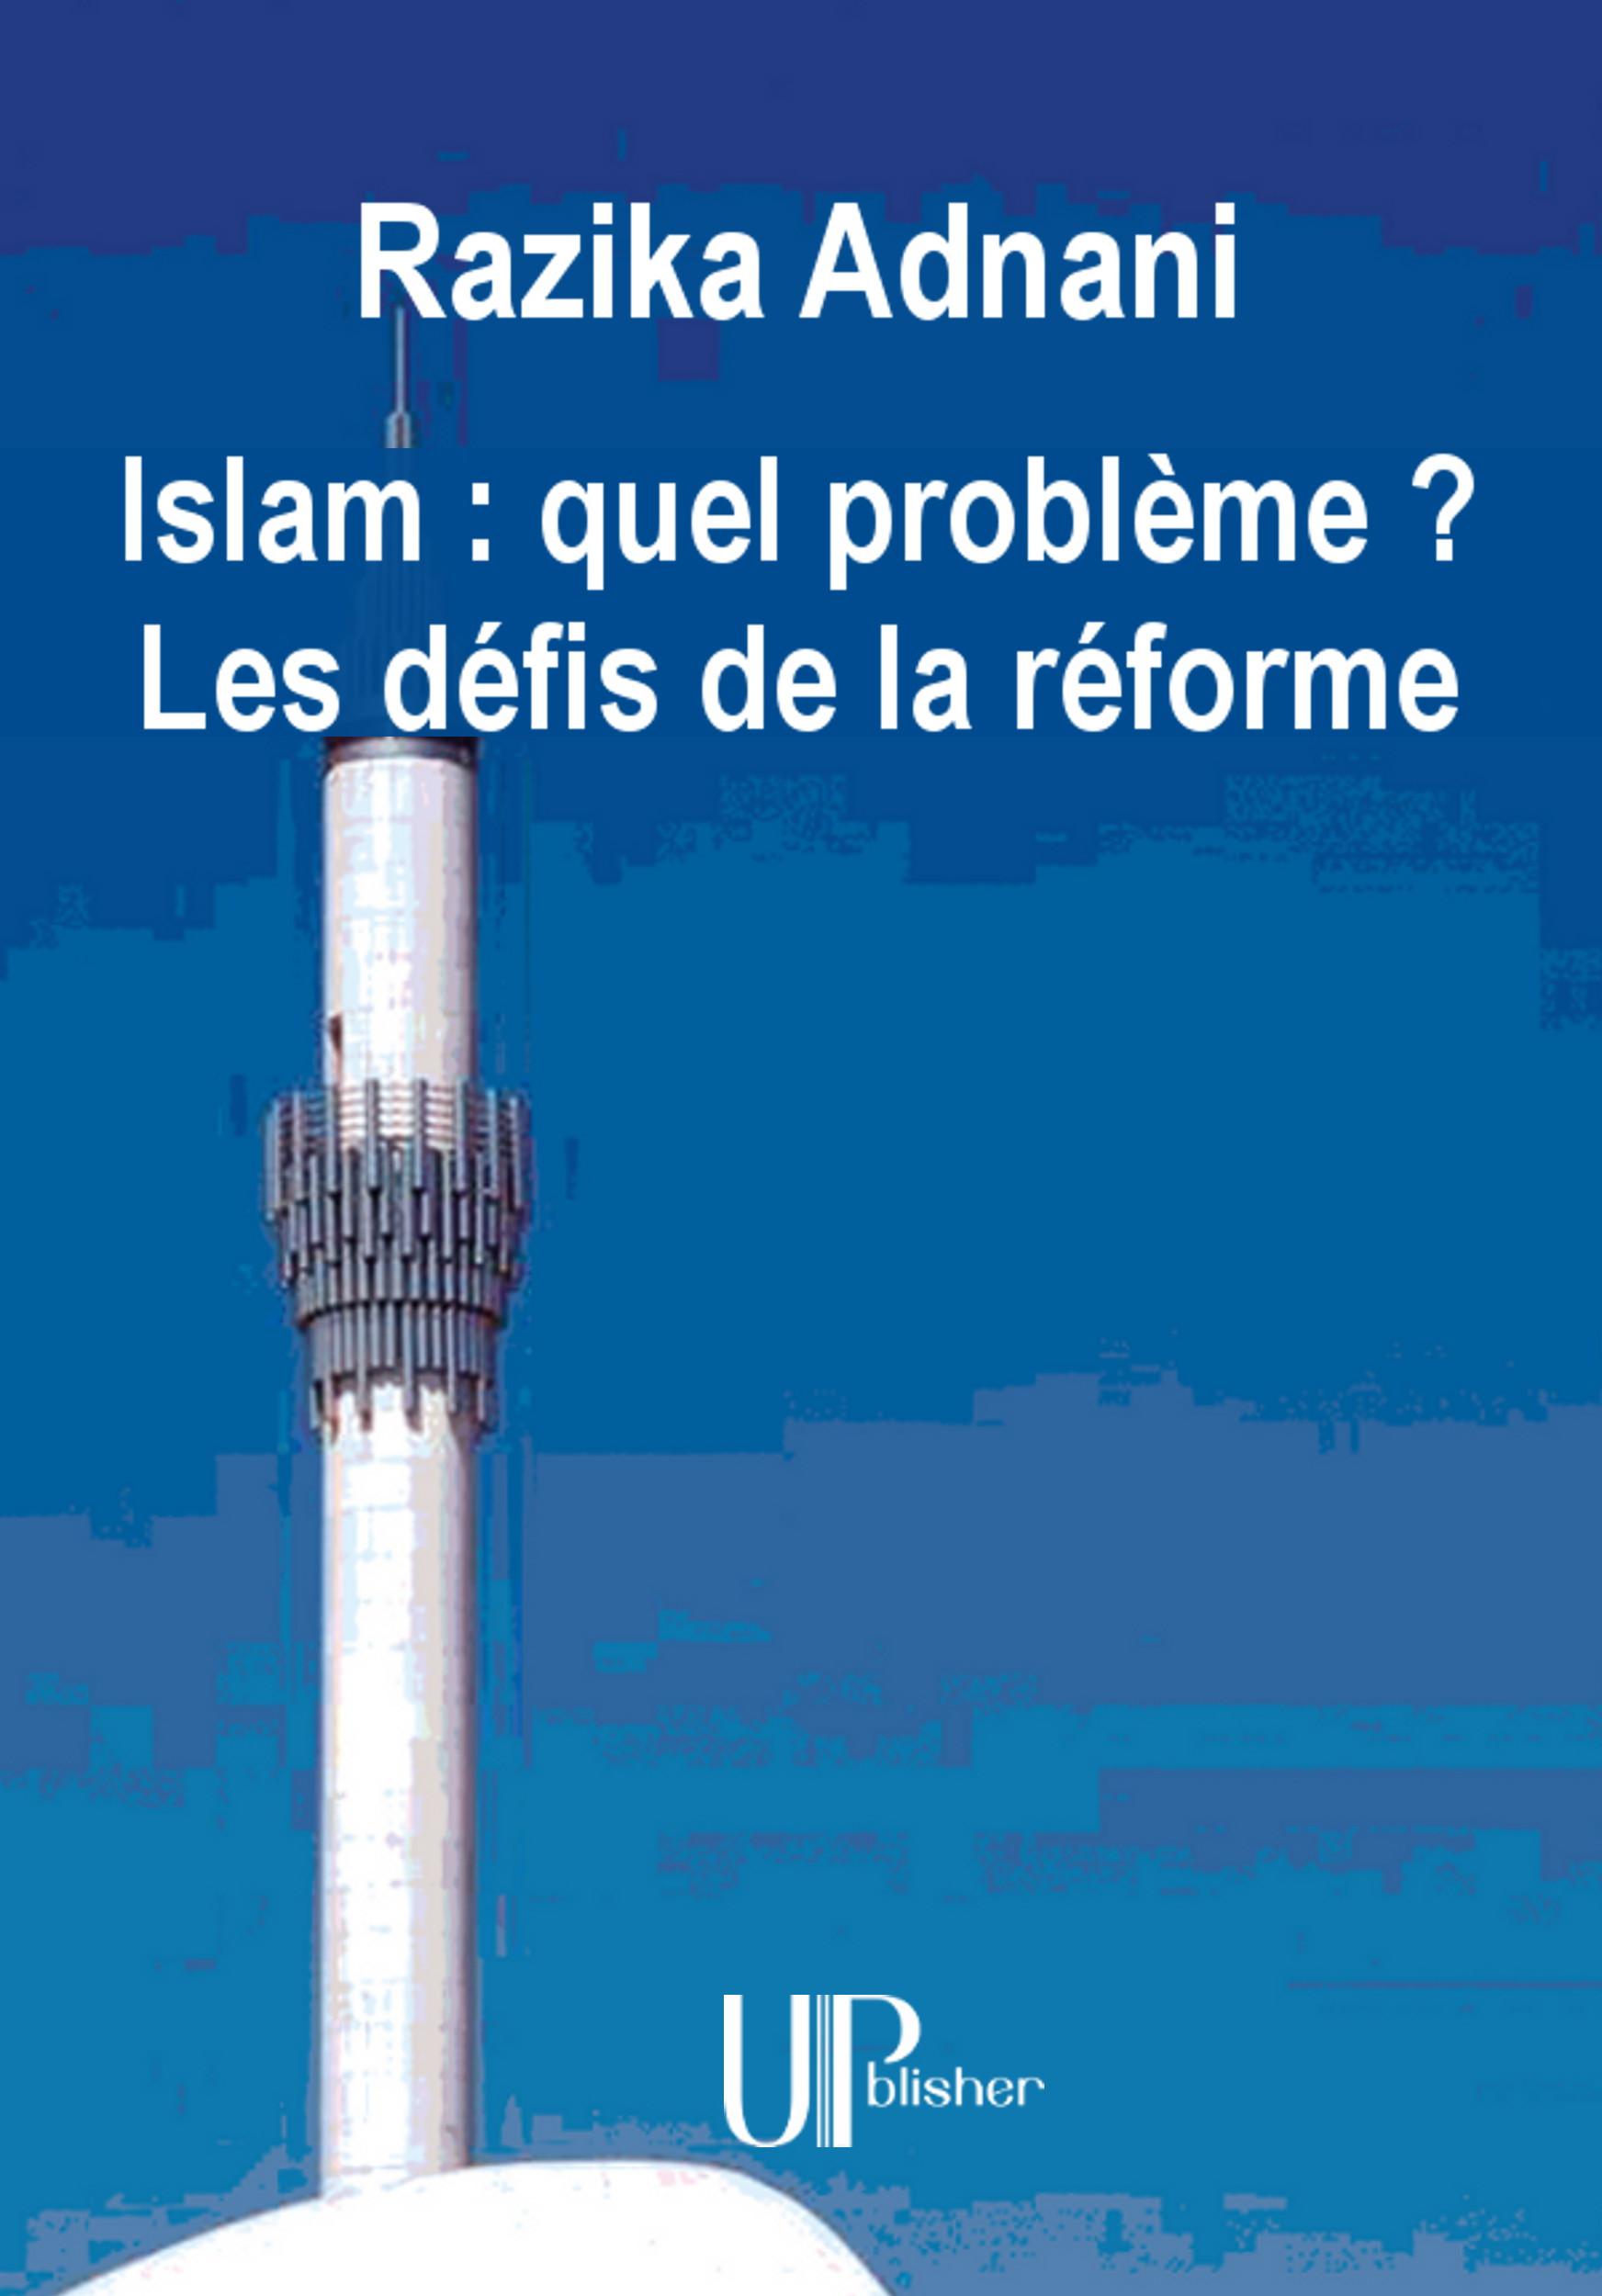 Islam : quel problème ? Les défis de la réforme, Essai philosophique sur l'Islam